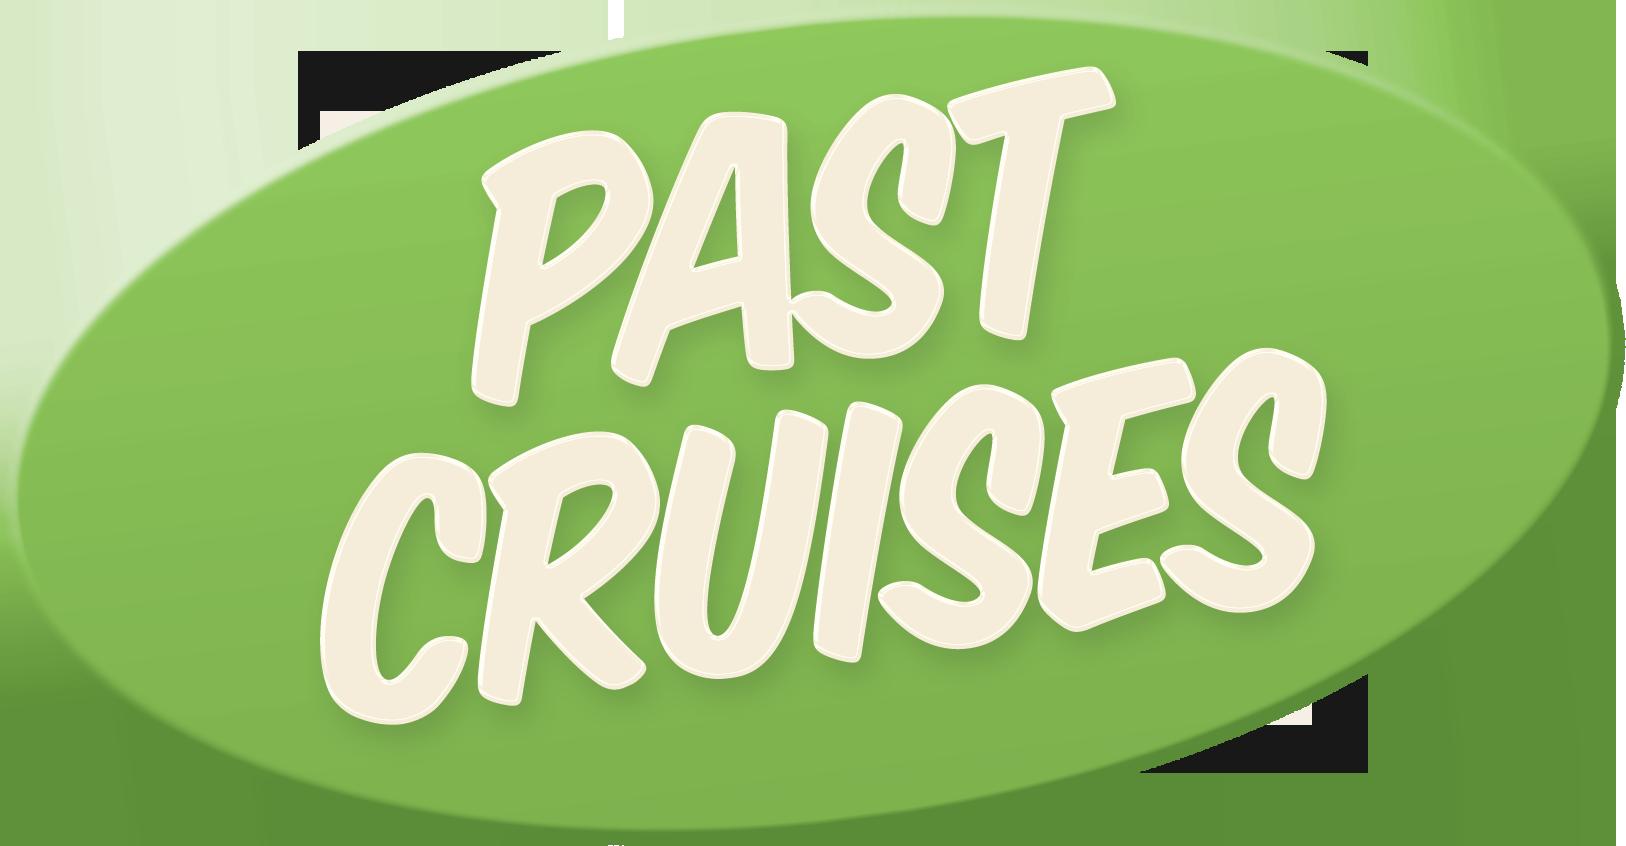 Past Cruises